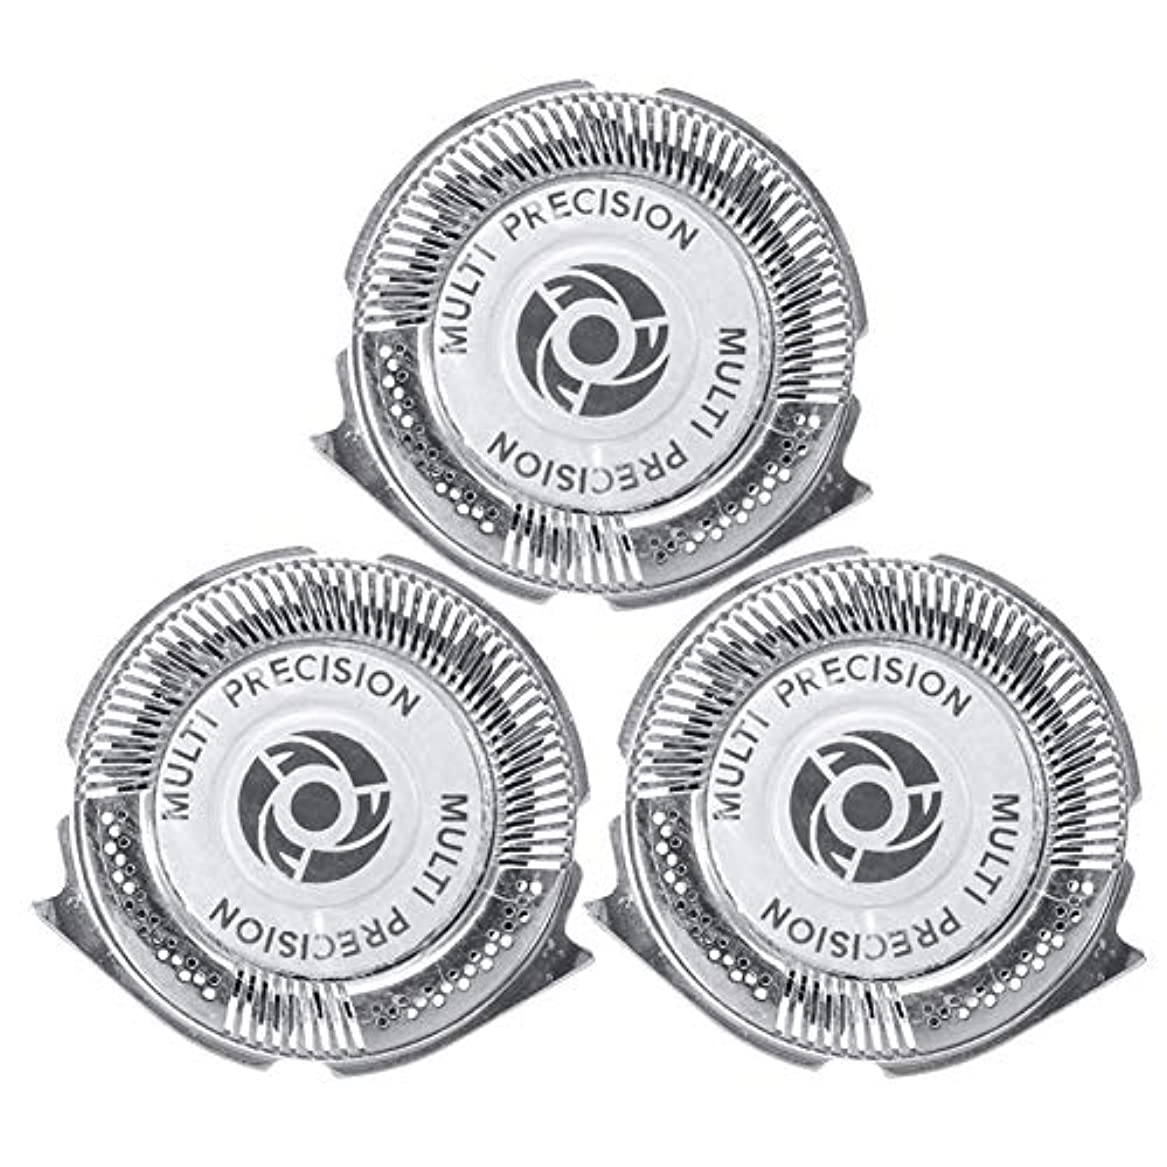 ターゲットシャツマーキングシェーバー 替刃 替え刃 カミソリ ヘッド 3頭のヘッド 交換用替刃 替刃3個入り フィリップス5000シリーズ SH50/51/52 HQ8に適用